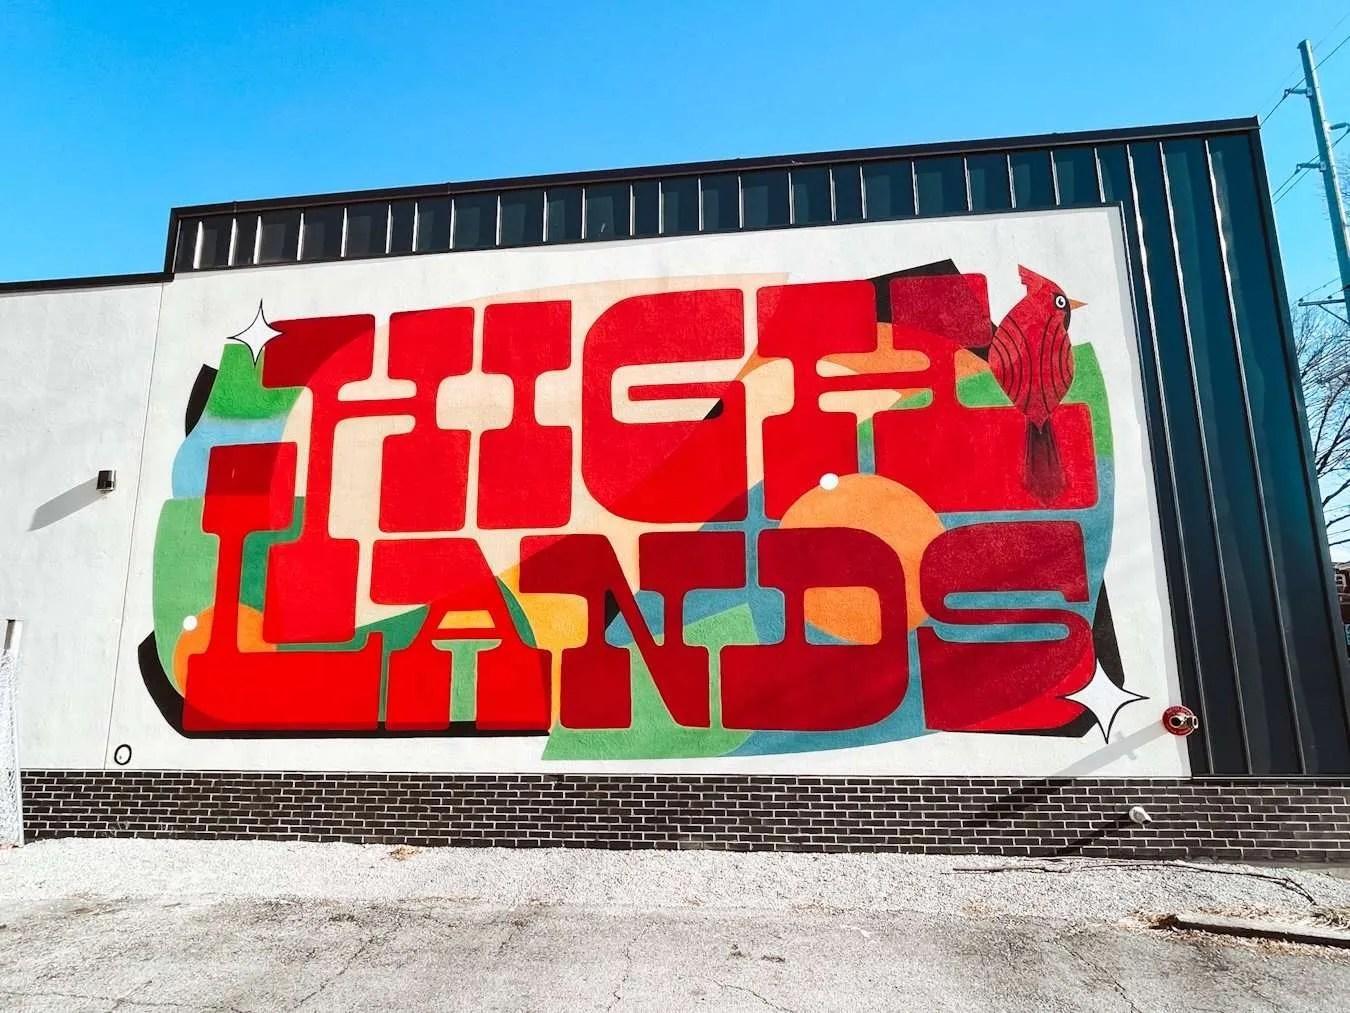 highlands mural louisville kentucky